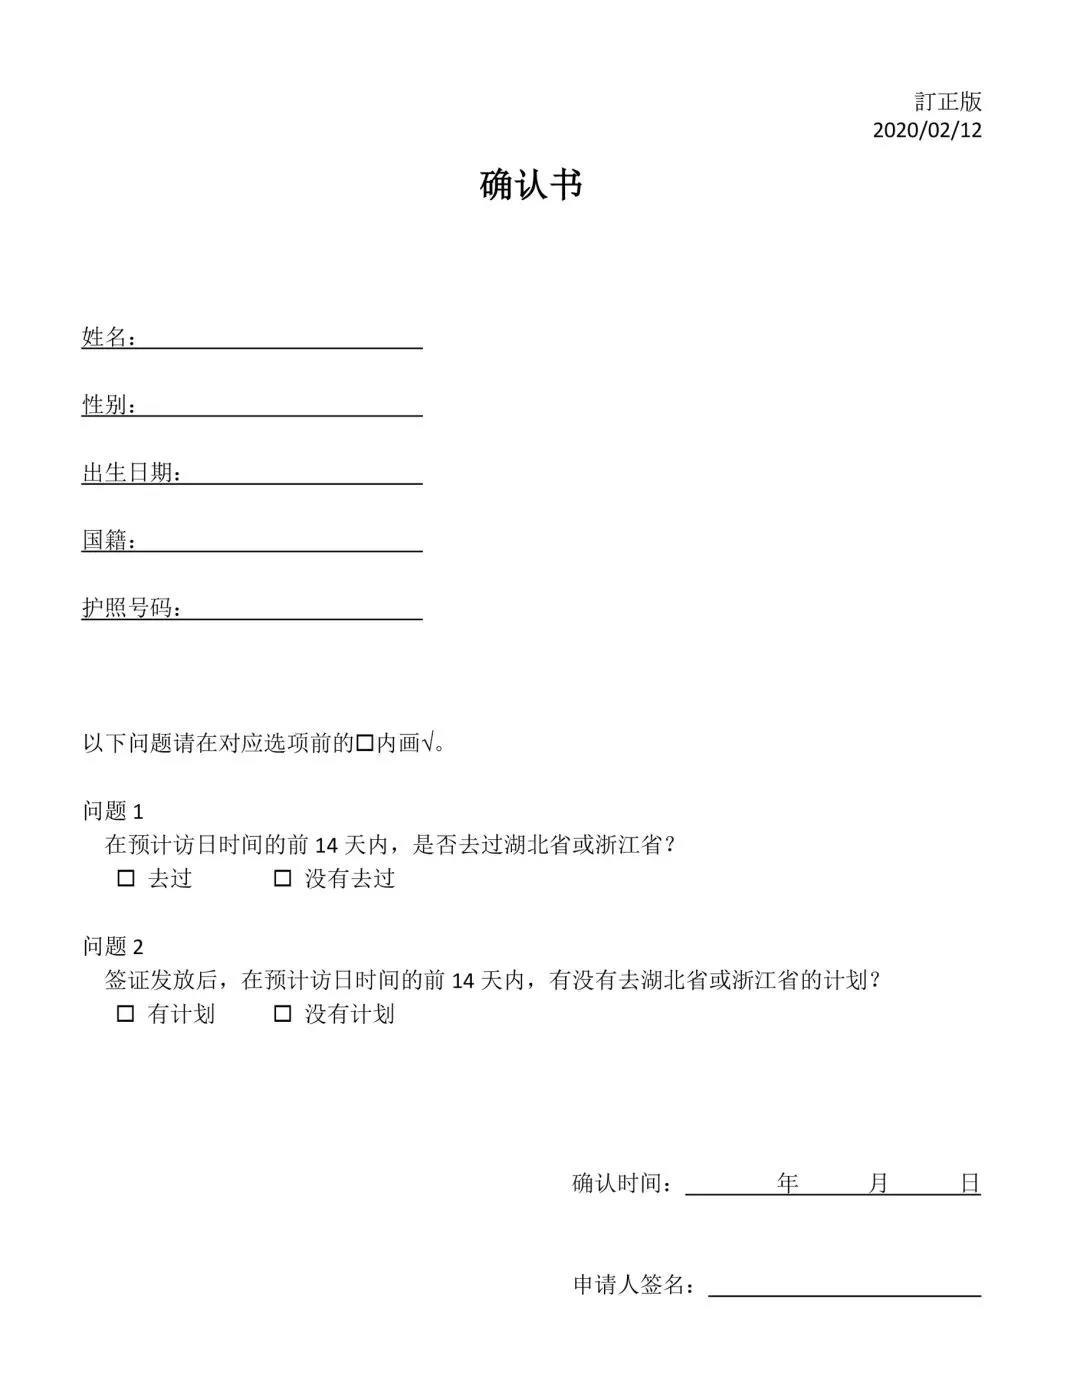 日本入境确认书